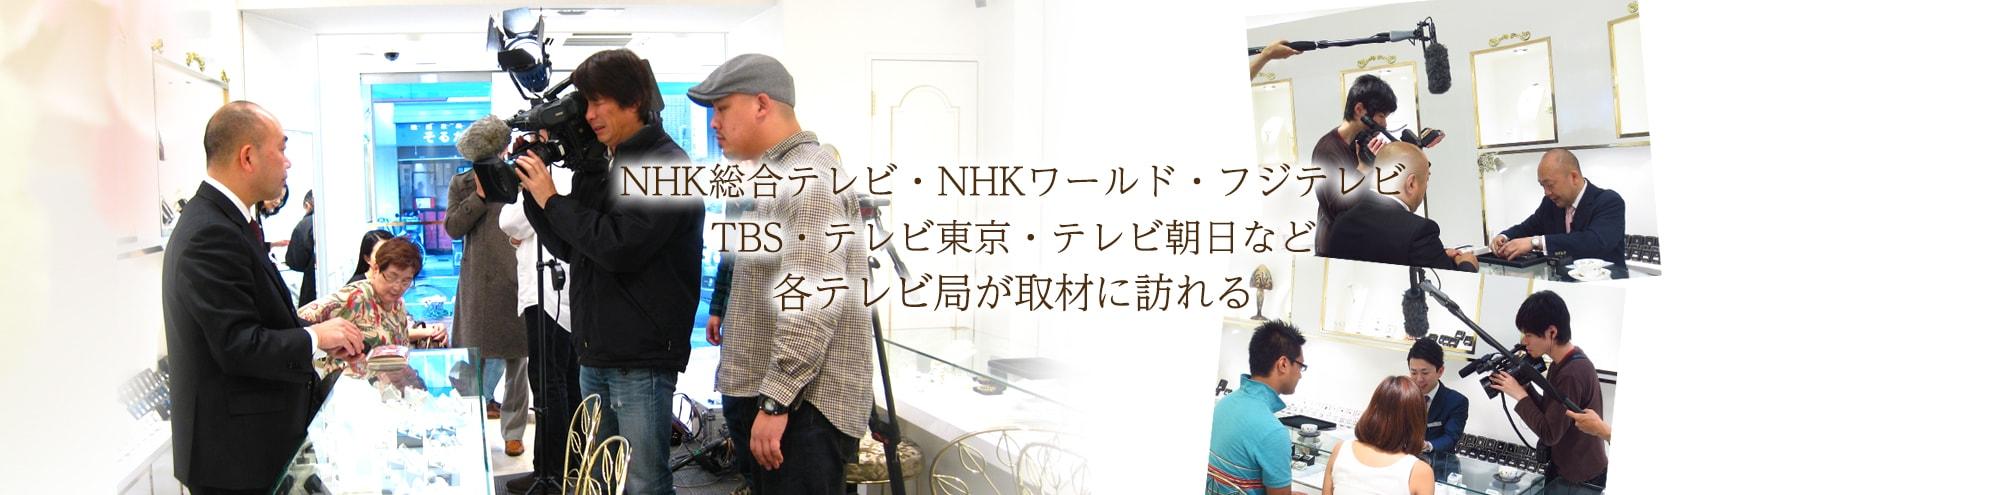 NHK総合テレビ・NHKワールド・フジテレビ TBS・テレビ東京・テレビ朝日など 各テレビ局が取材に訪れる